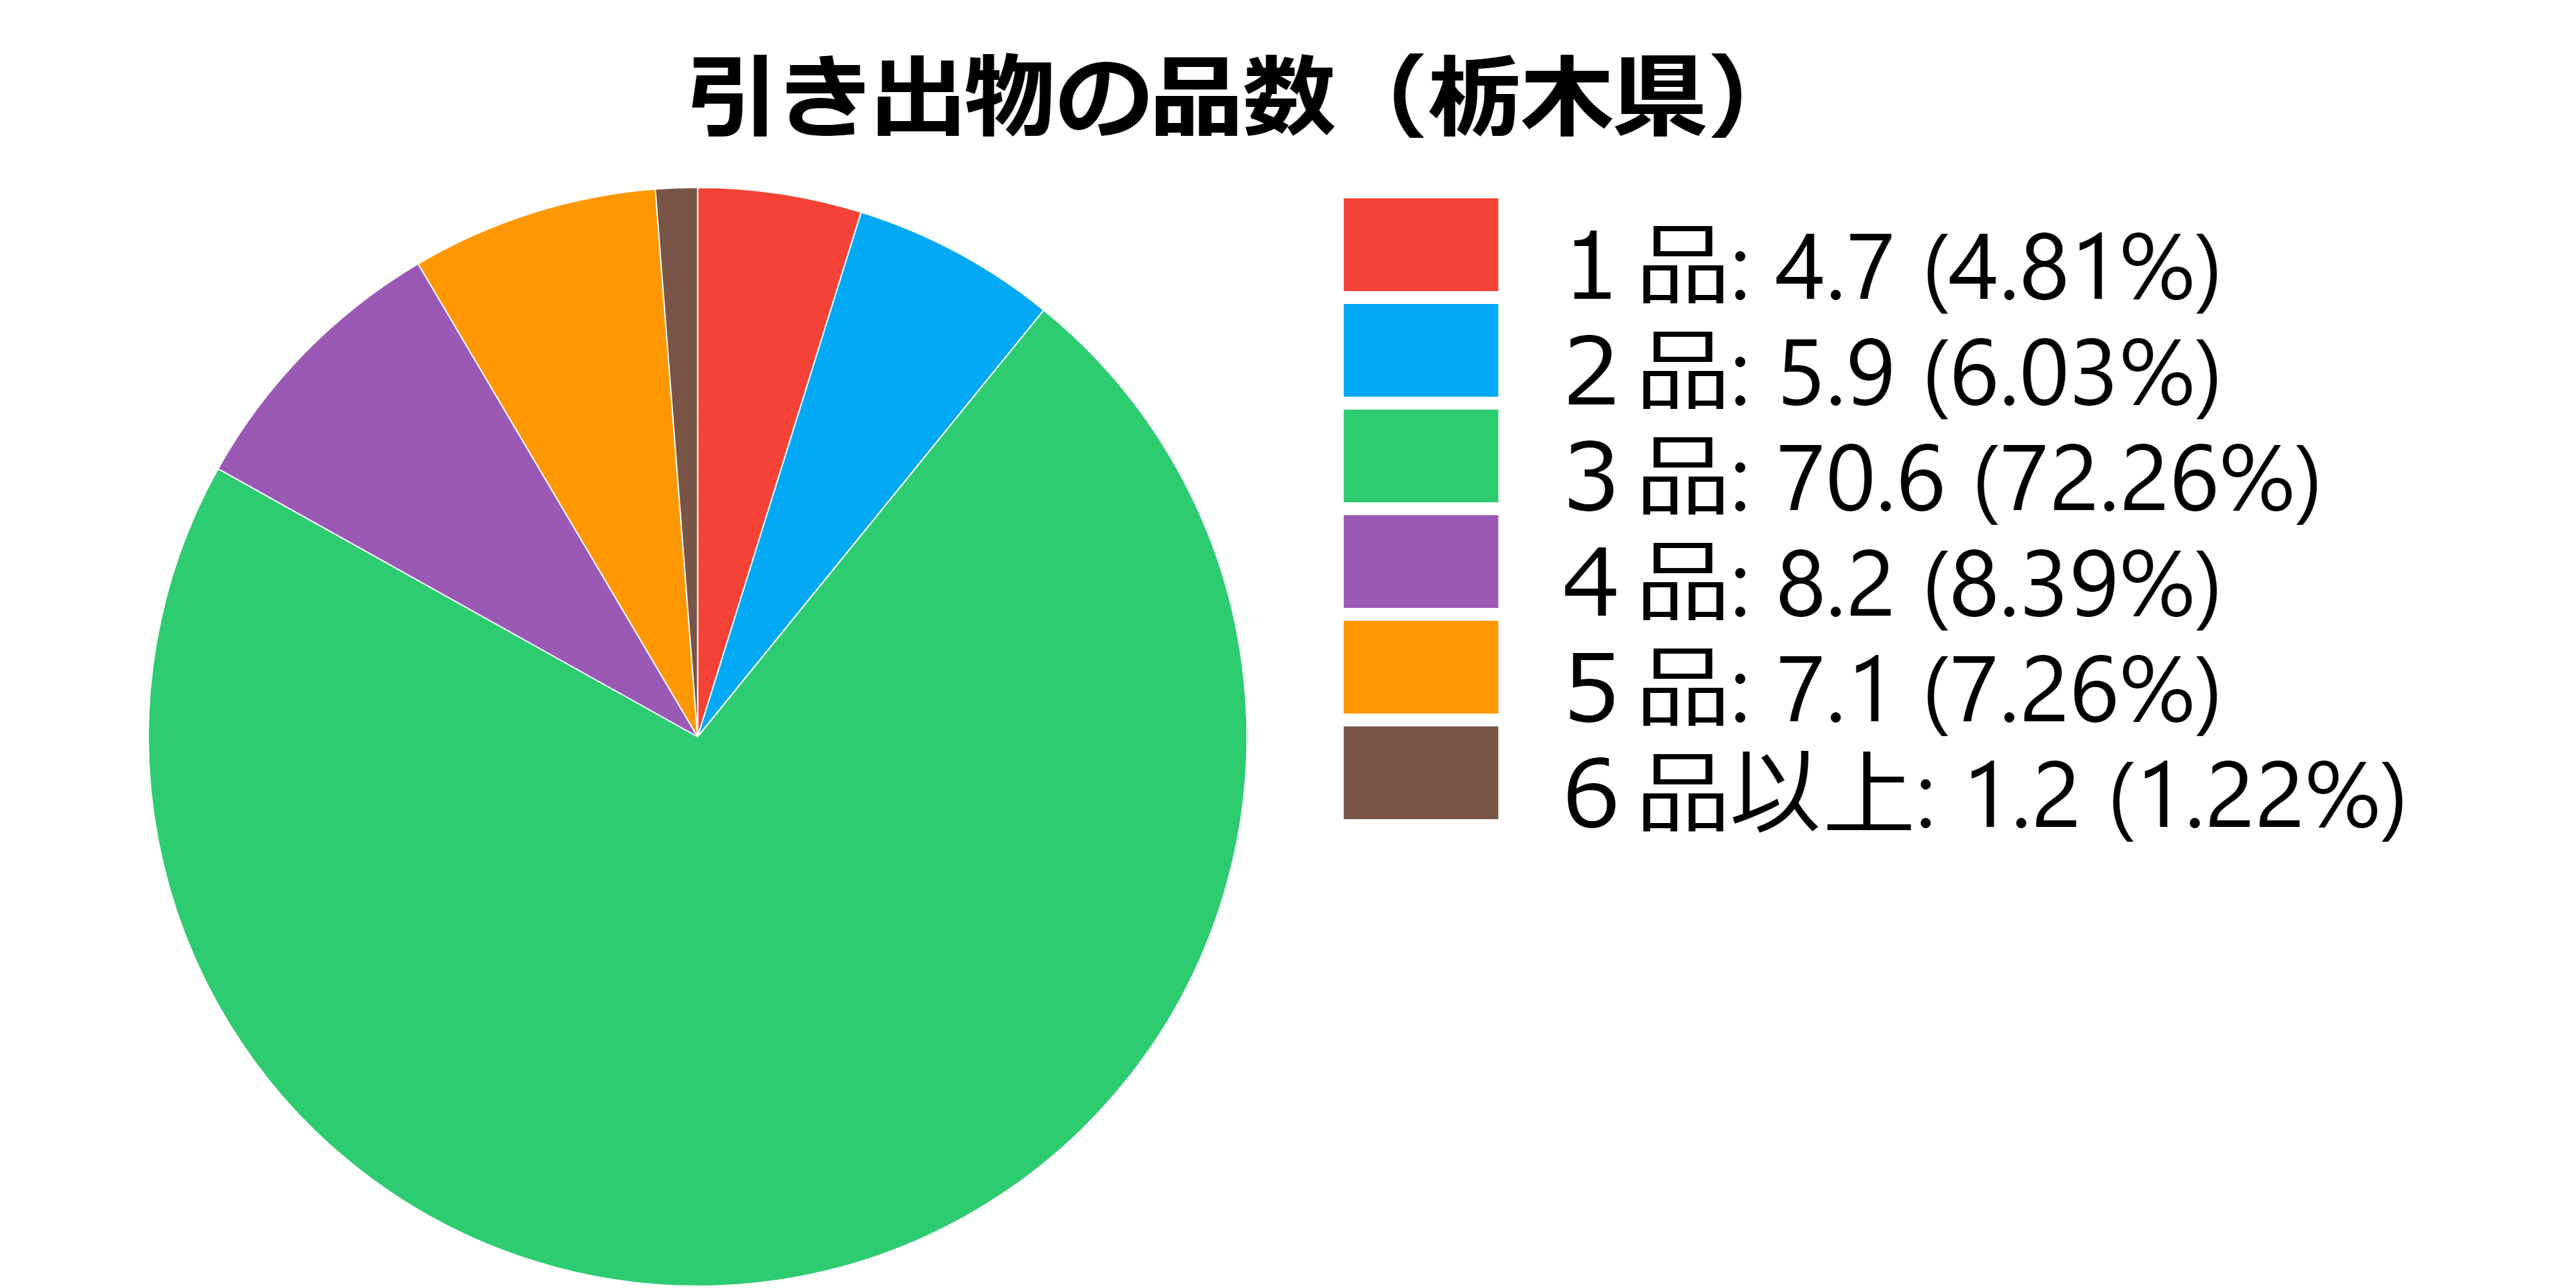 品数(栃木県)